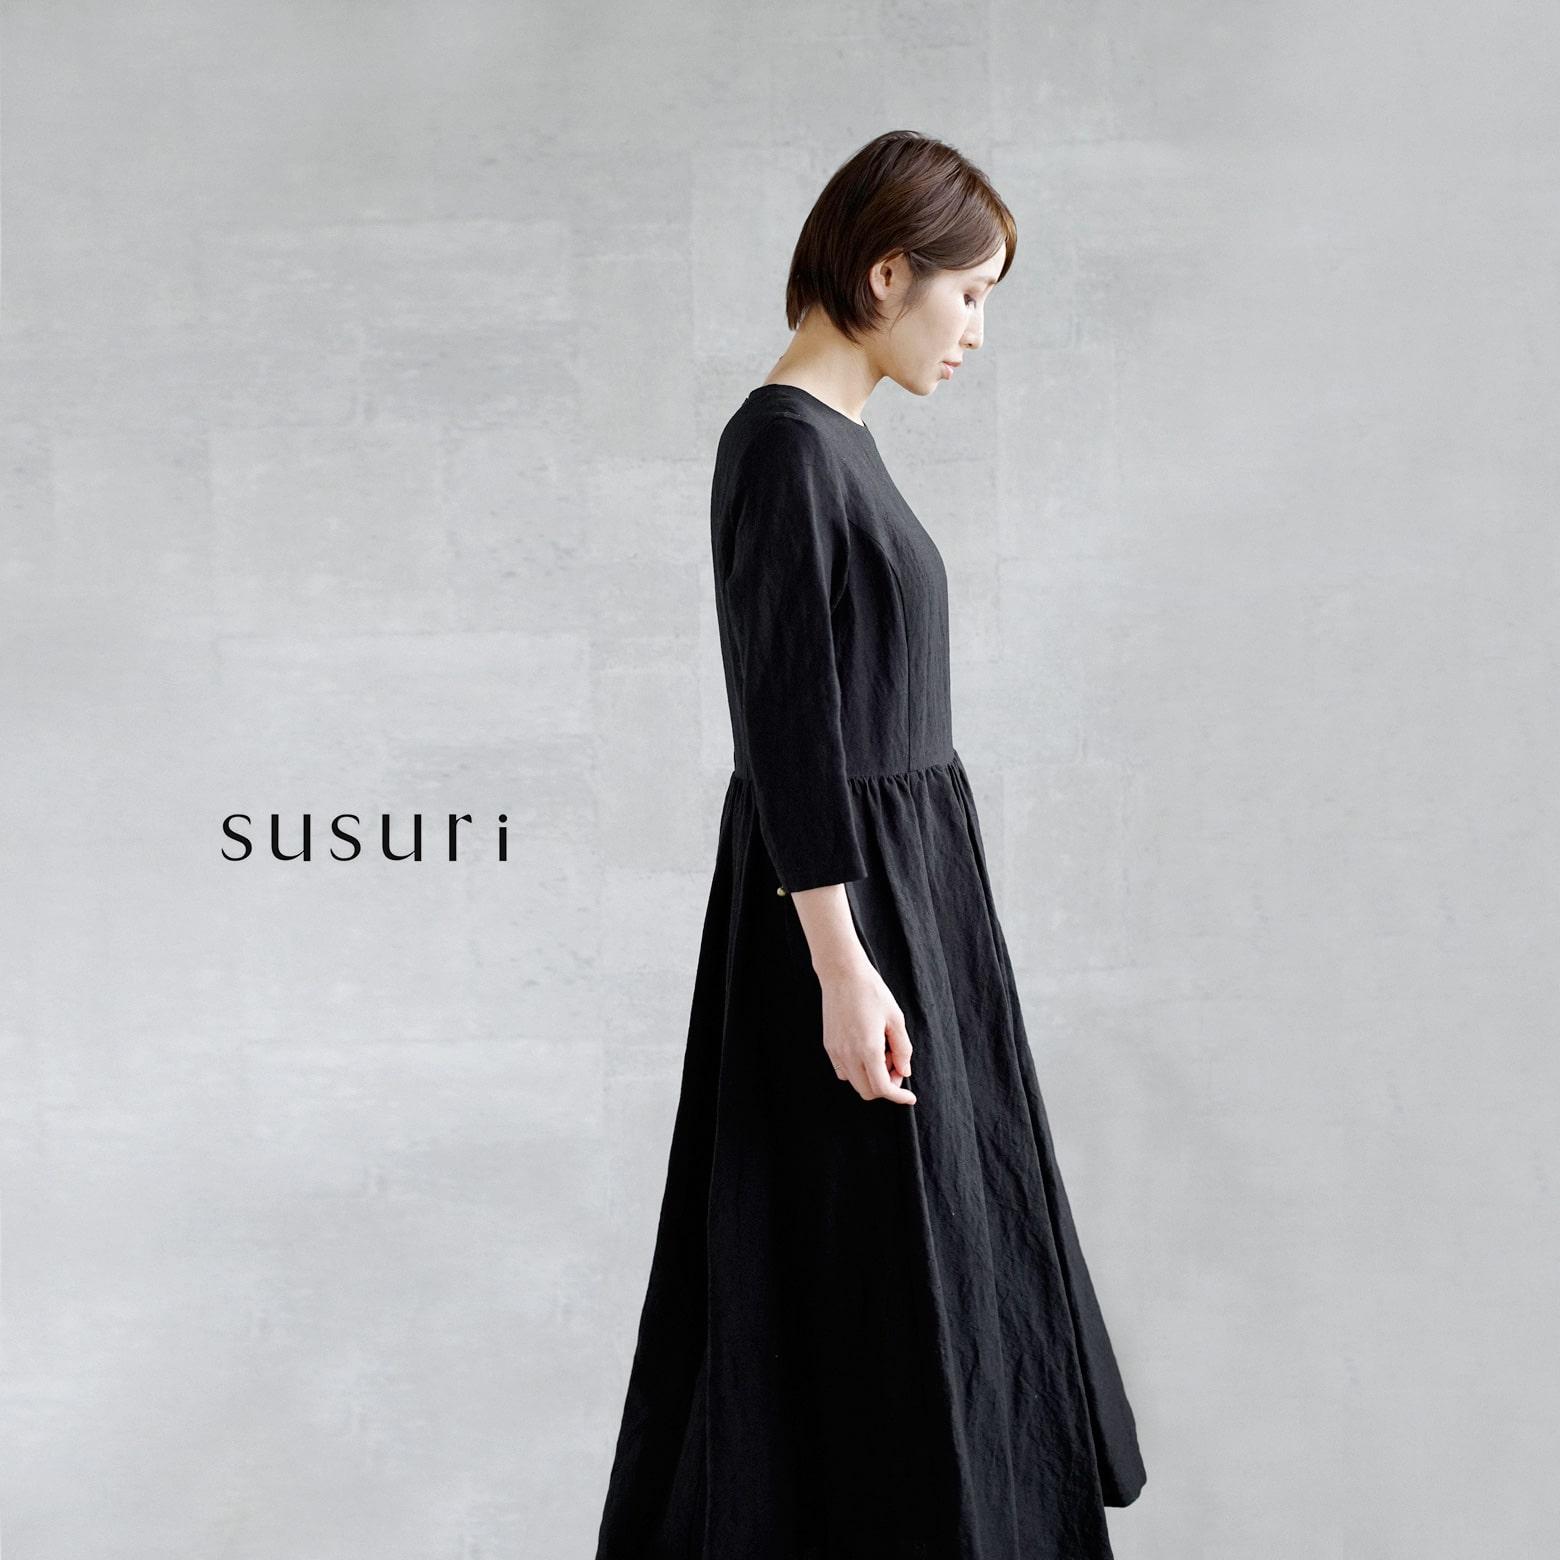 susuri(ススリ)ヘンズドレス 19-211